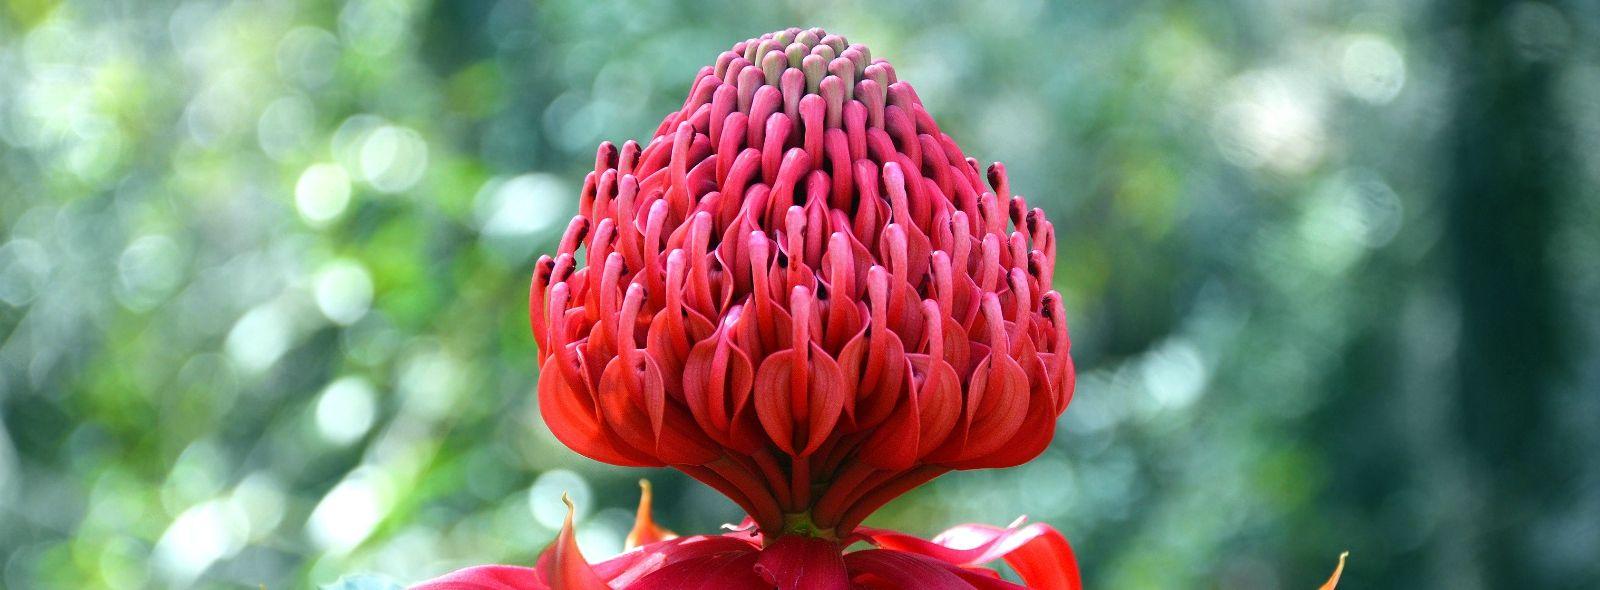 Elenco e benefici dei fiori australiani